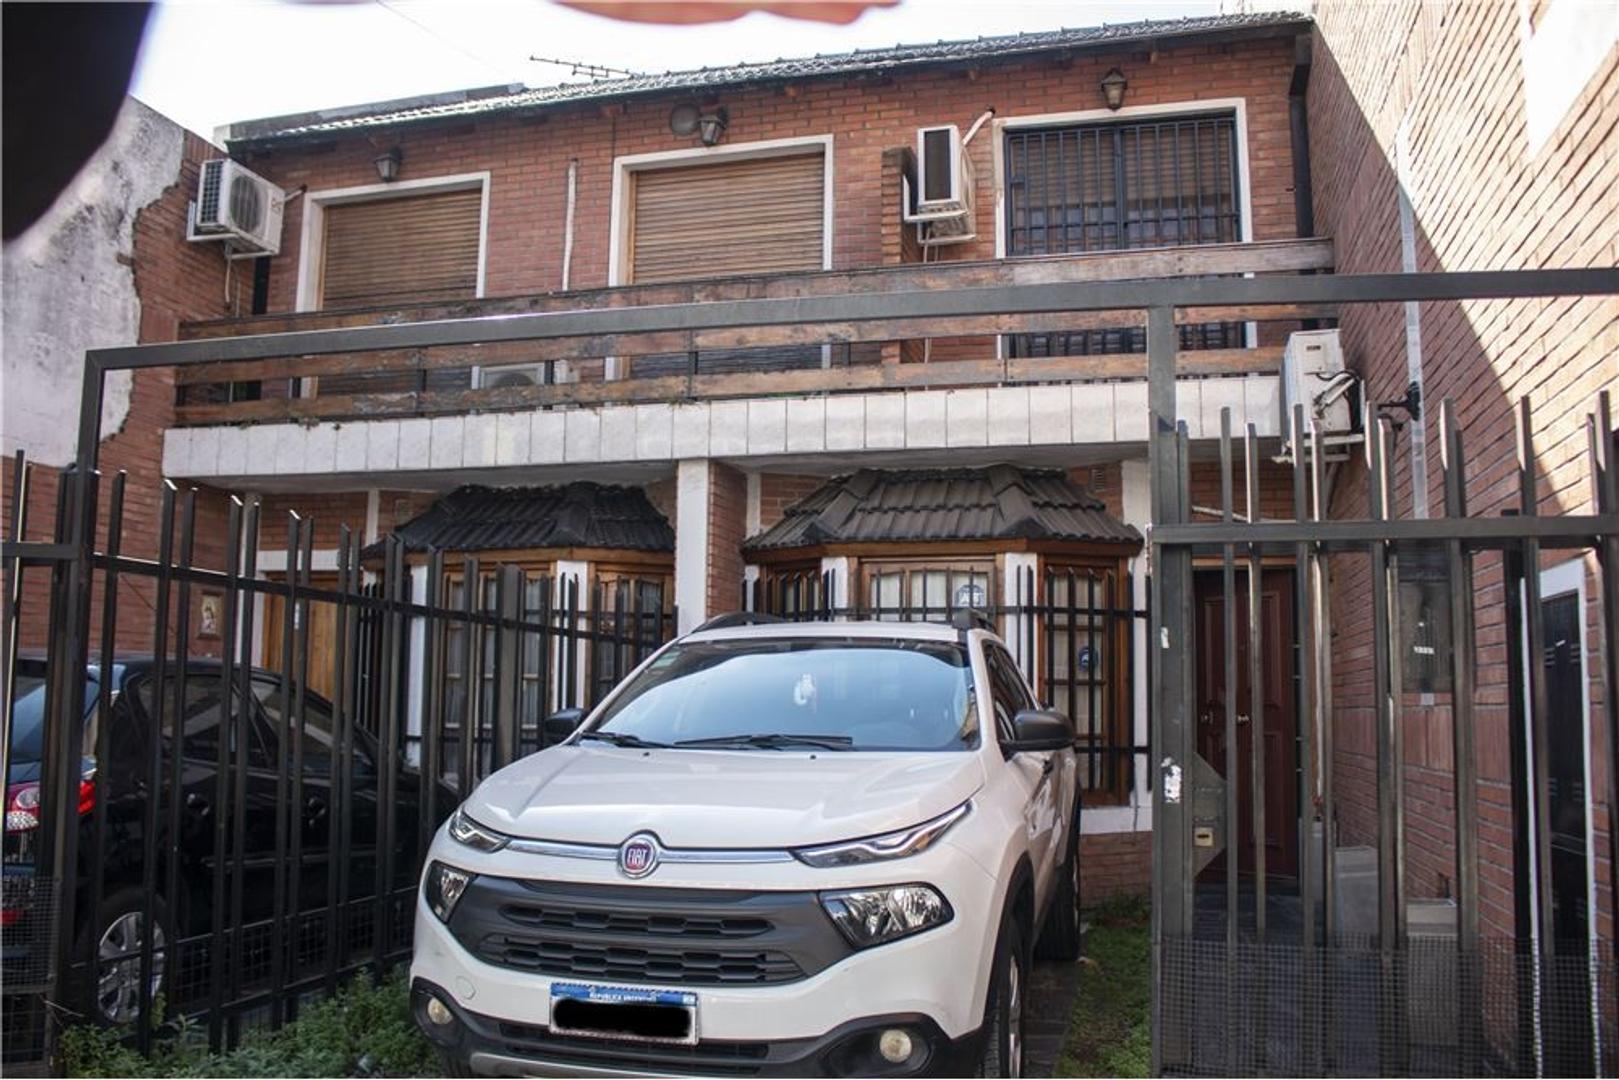 DUPLEX TIPO CASA - COCHERA - PATIO CON PARRILLA - - Foto 27